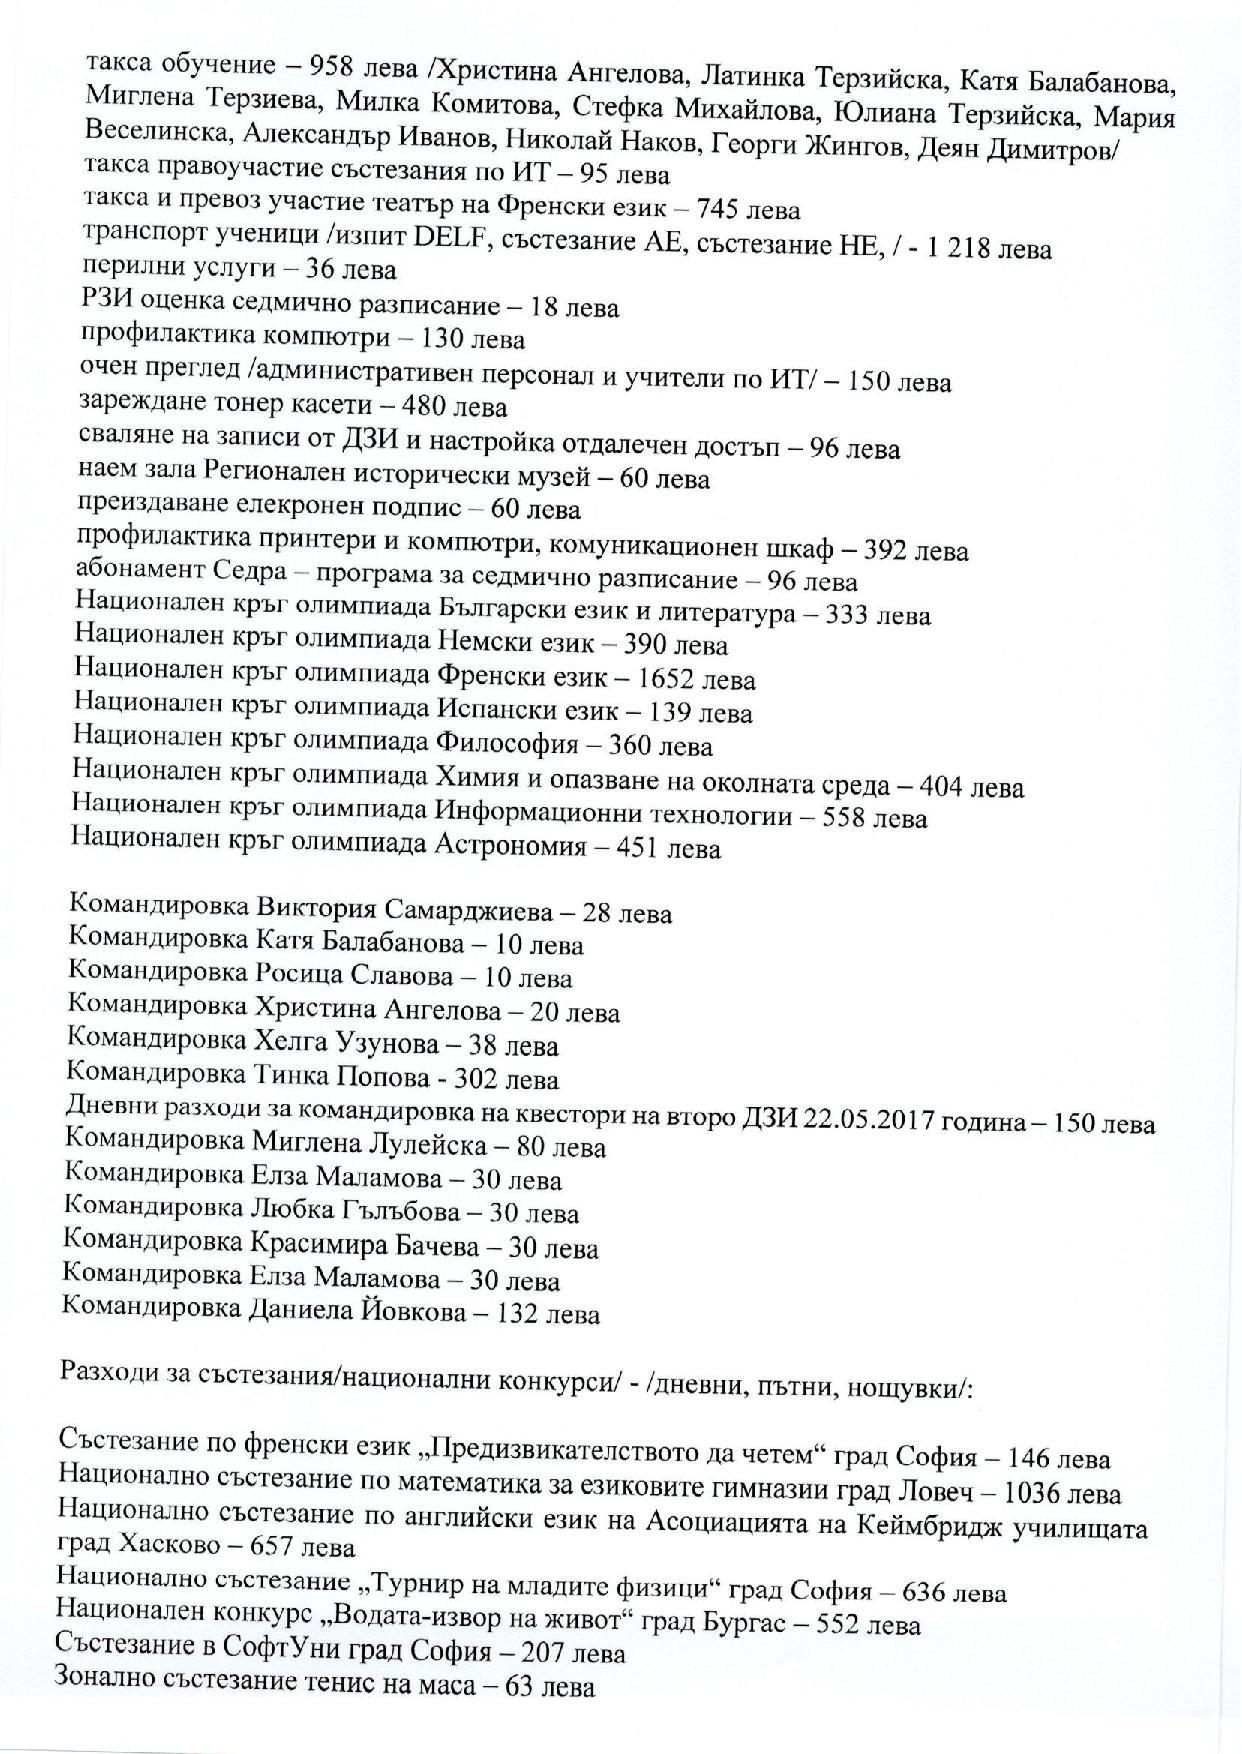 ot4et page 004